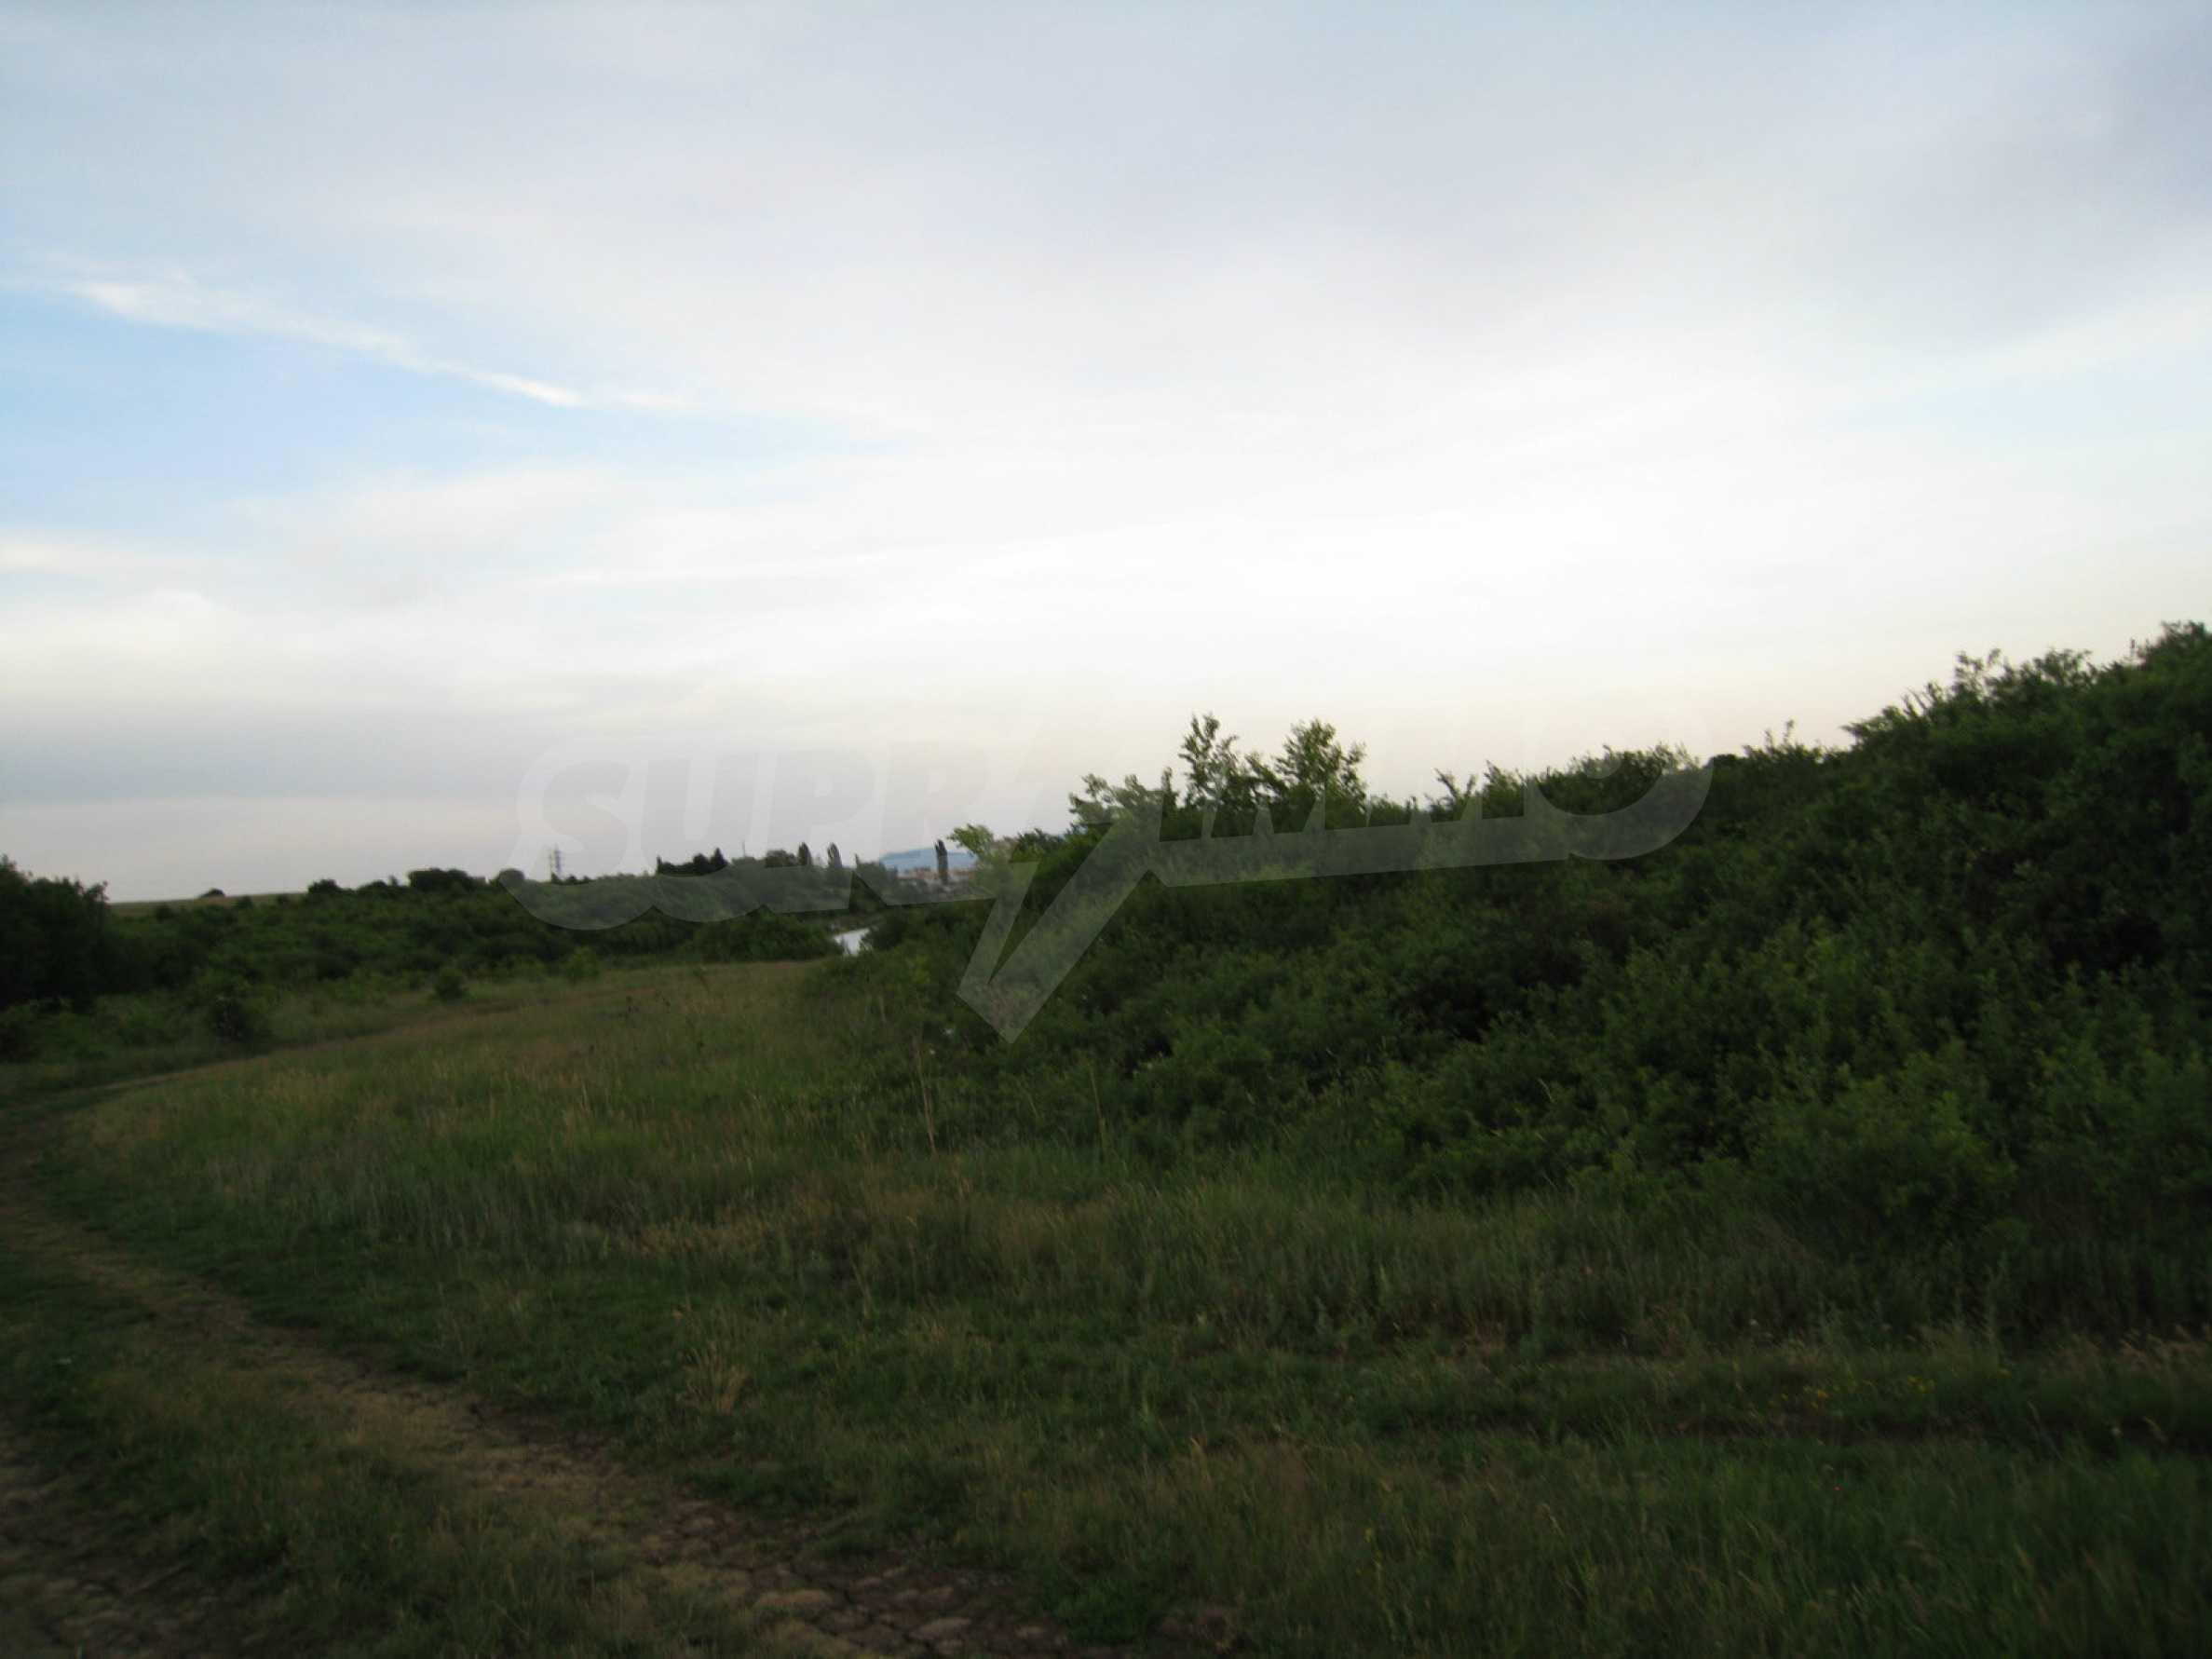 Ackerland in der Nähe eines Sees in Suhodol 13